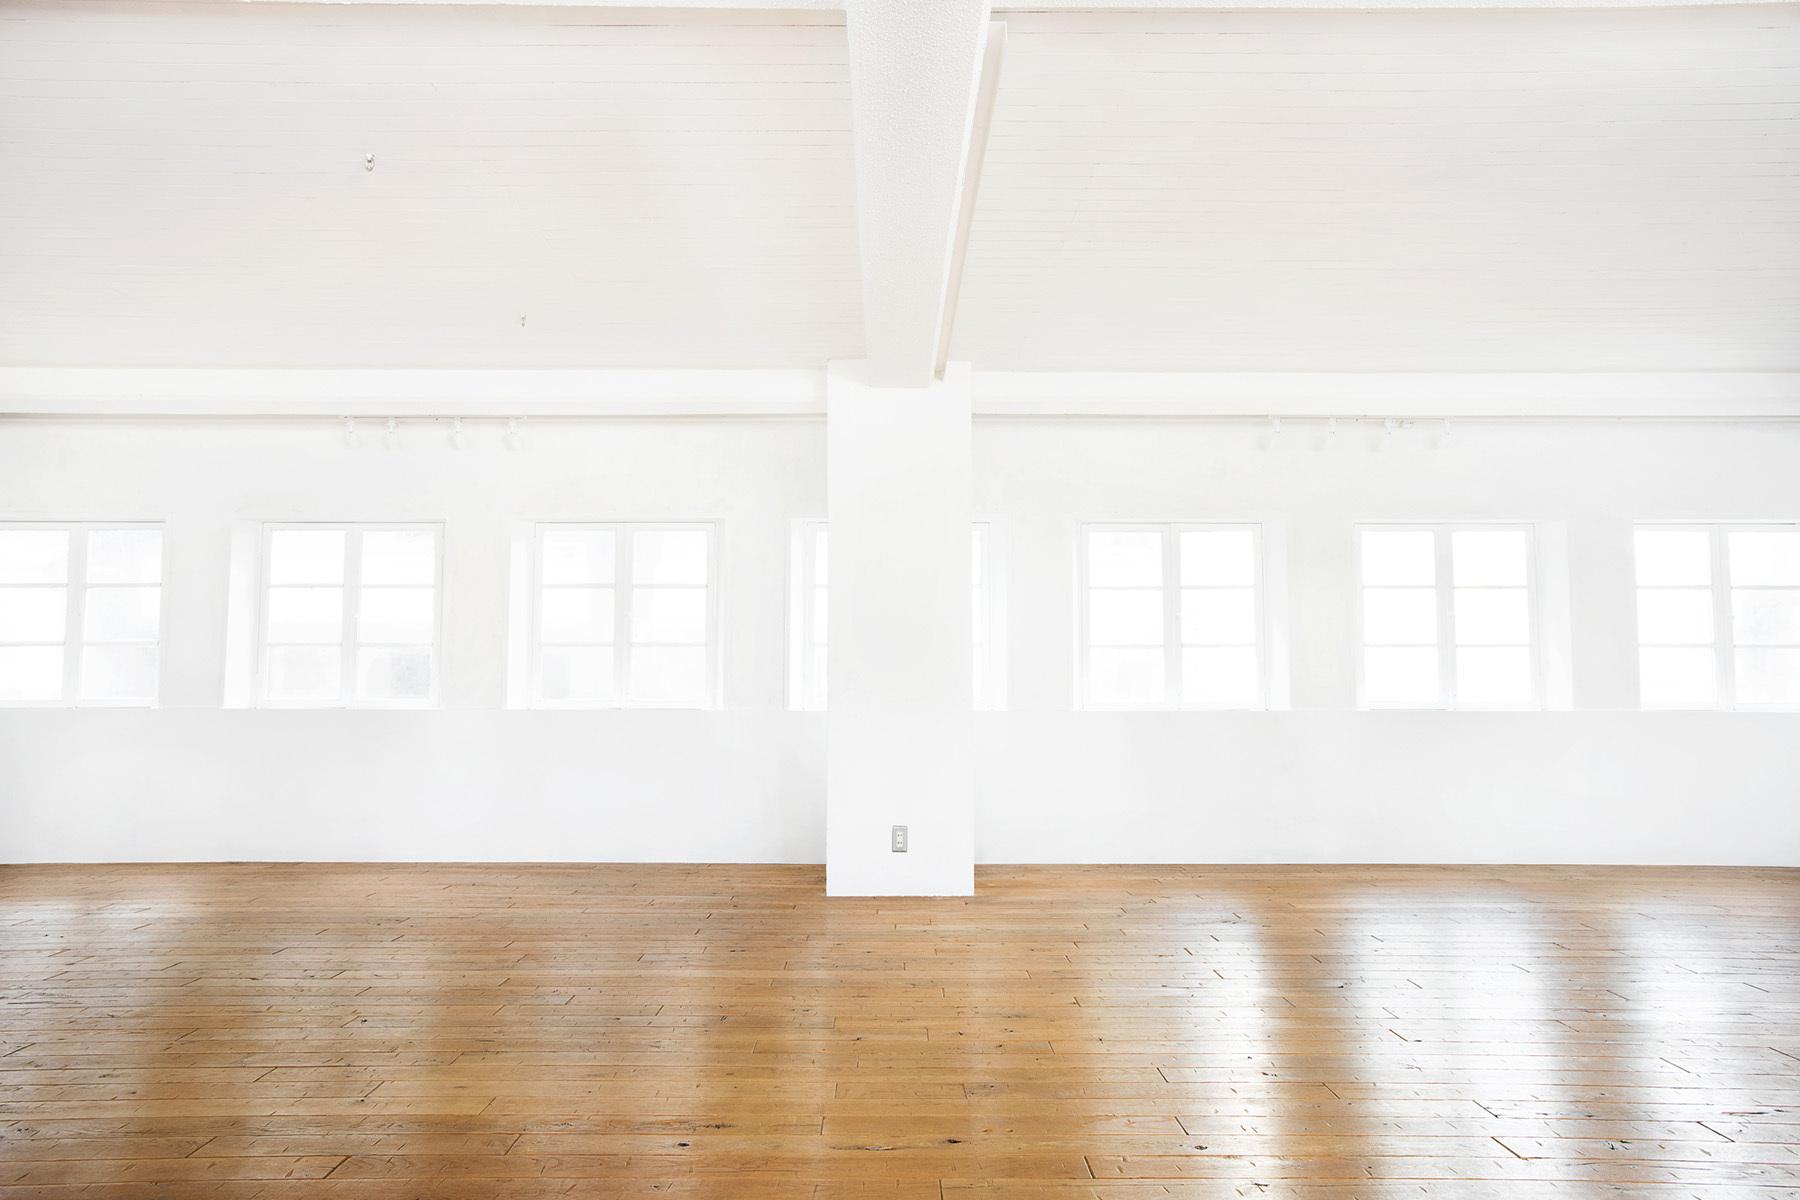 StudioBRICK 3F (スタジオブリック八丁堀3F)バリエーション豊かな壁面